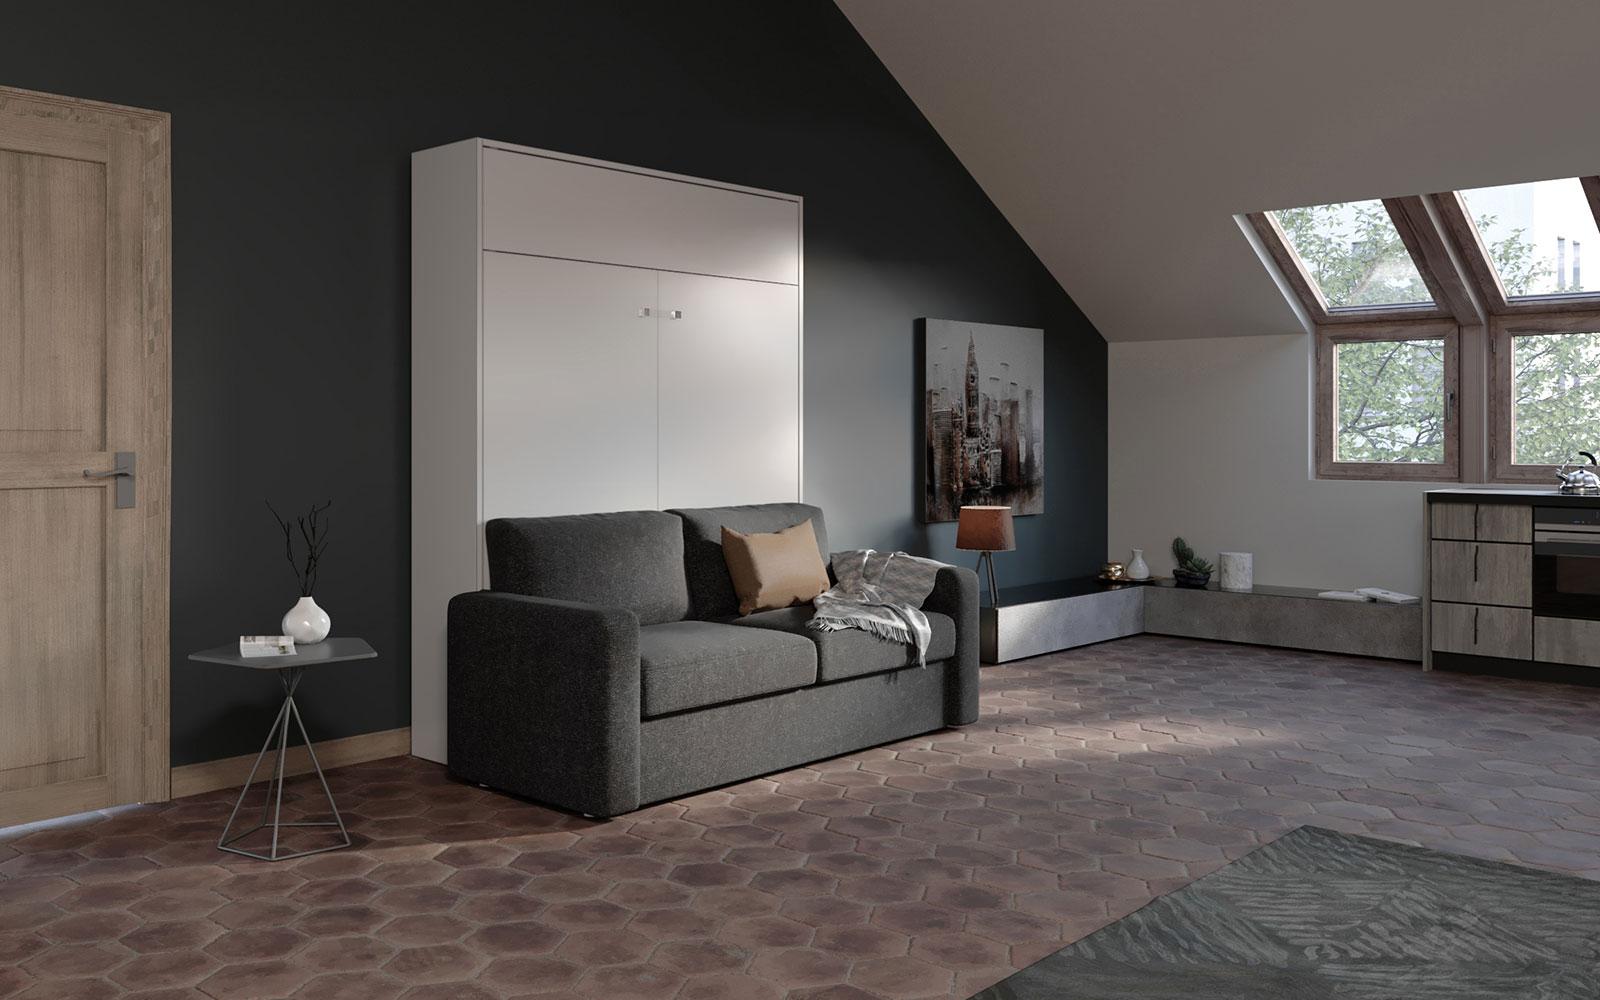 Divano Comodo Per Dormire aria sofa 160 big - letto a scomparsa matrimoniale con divano automatico  classico